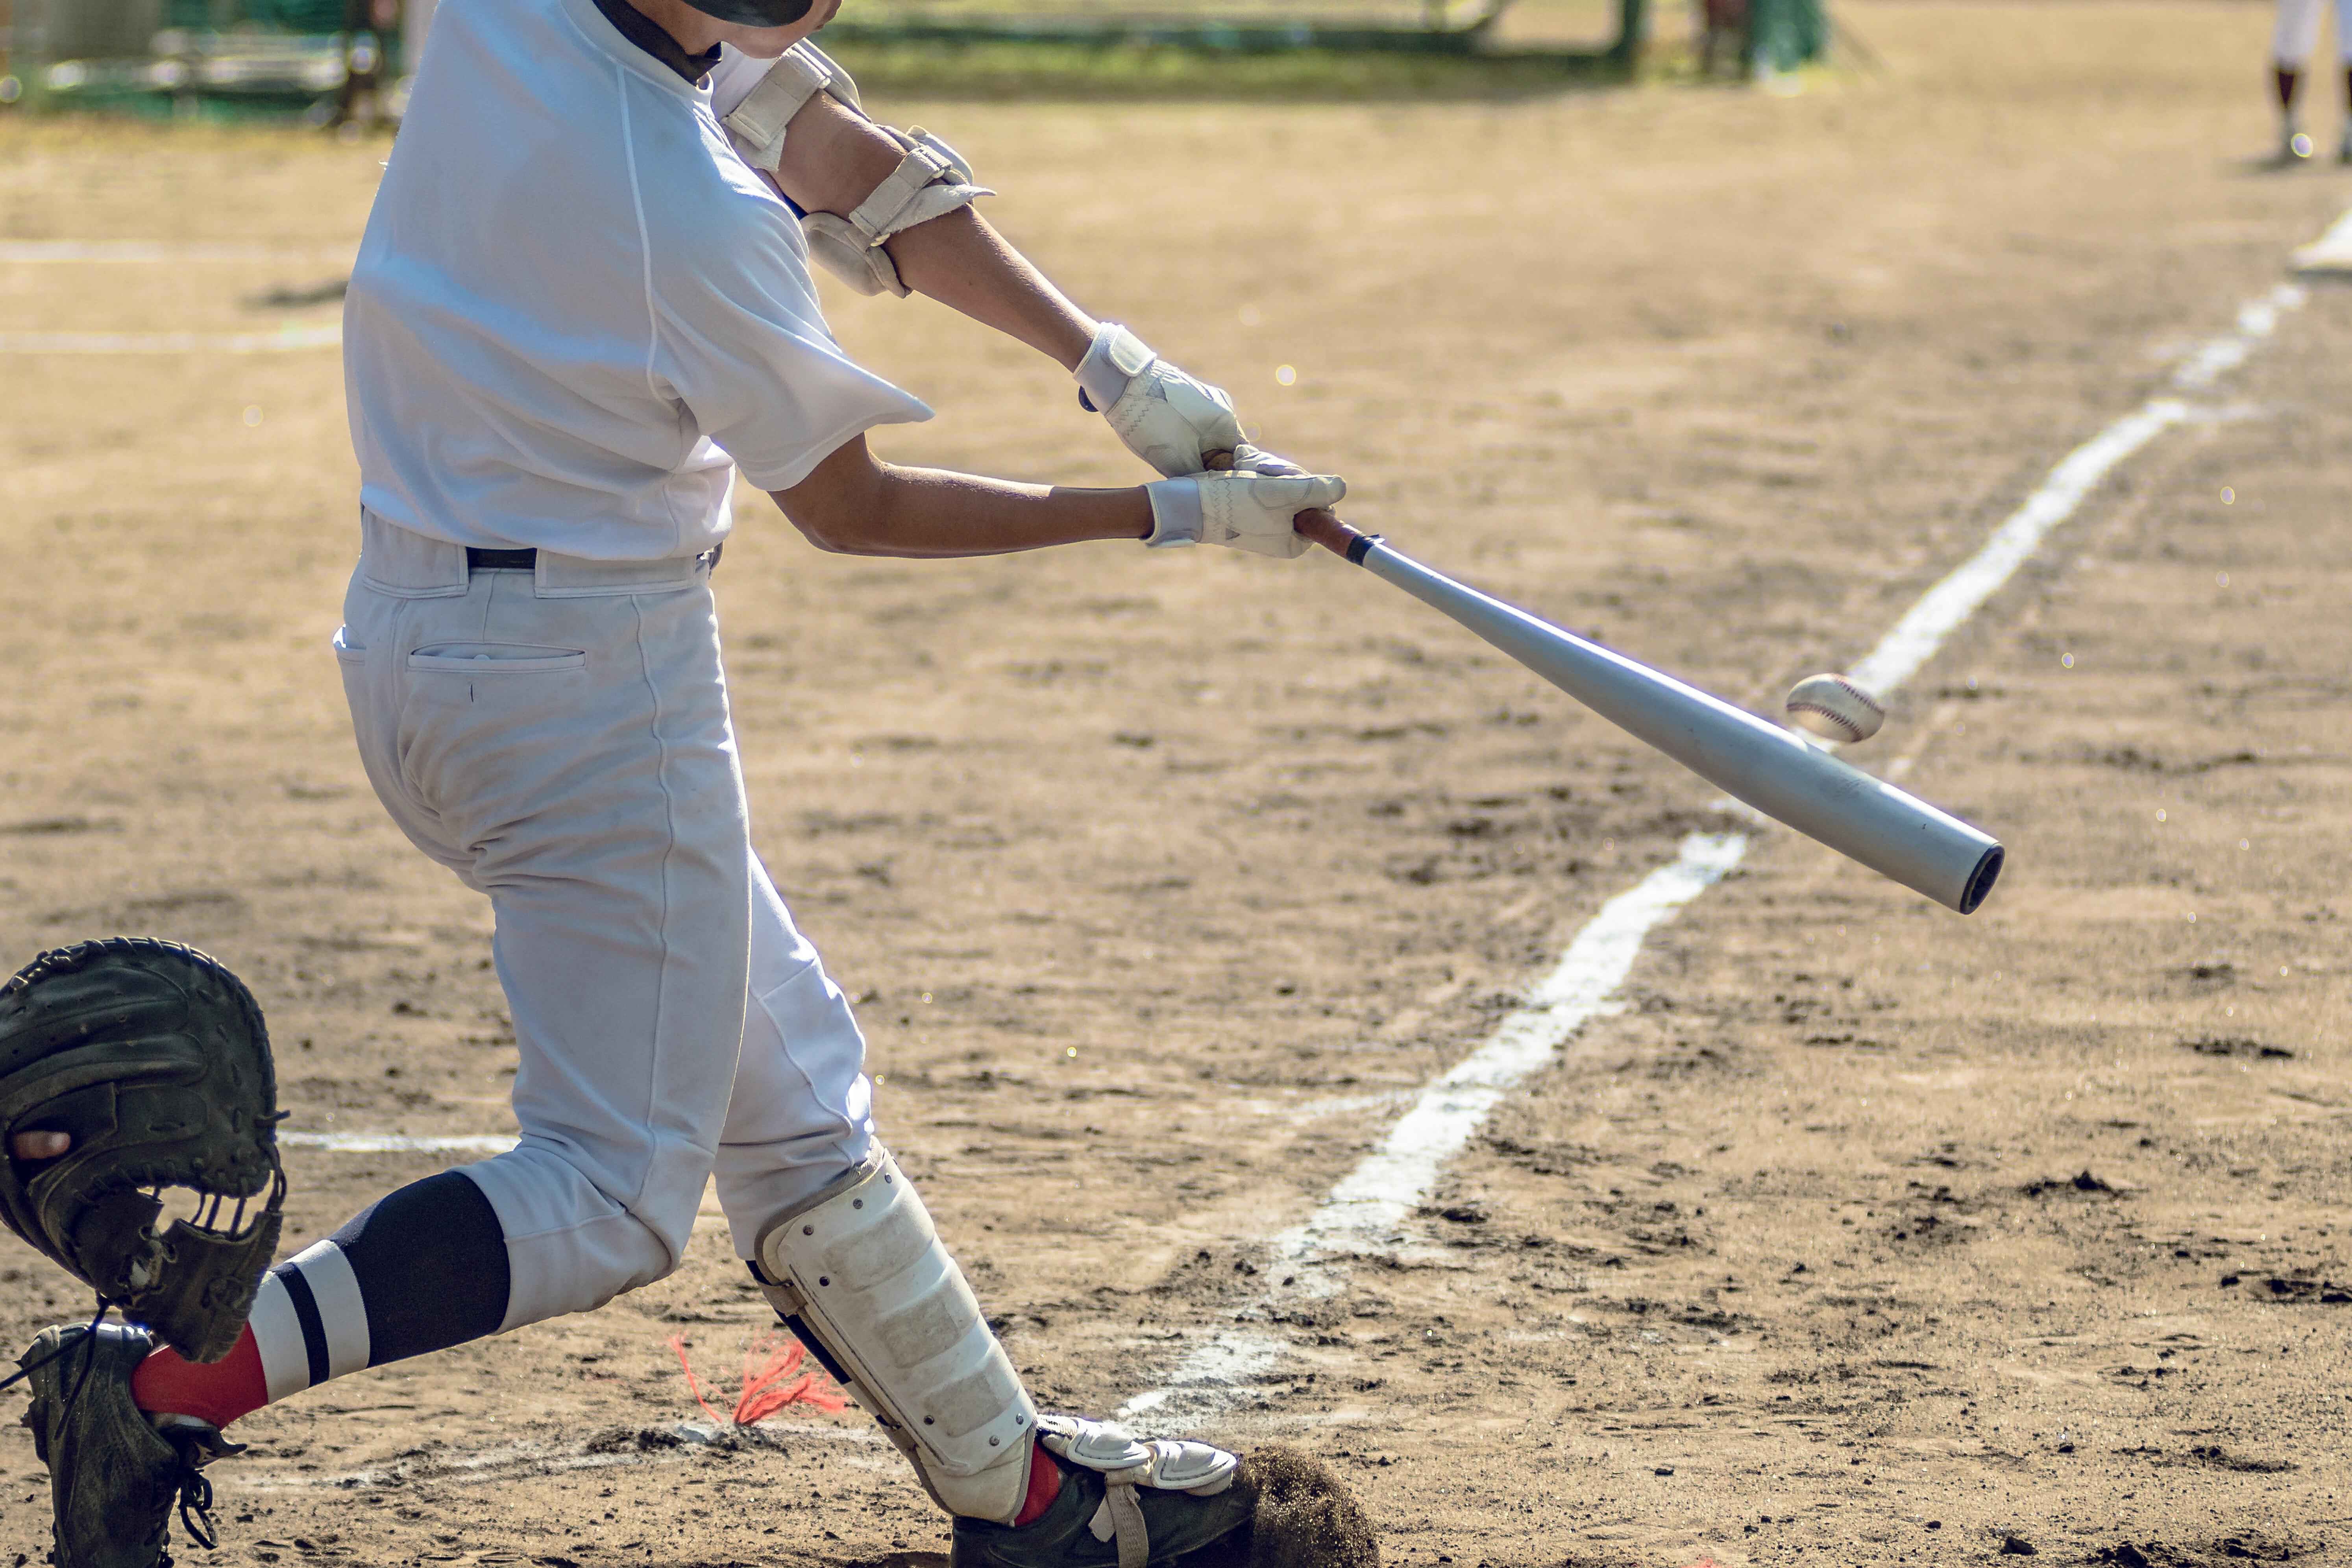 野球でレッグガードを着けたバッター